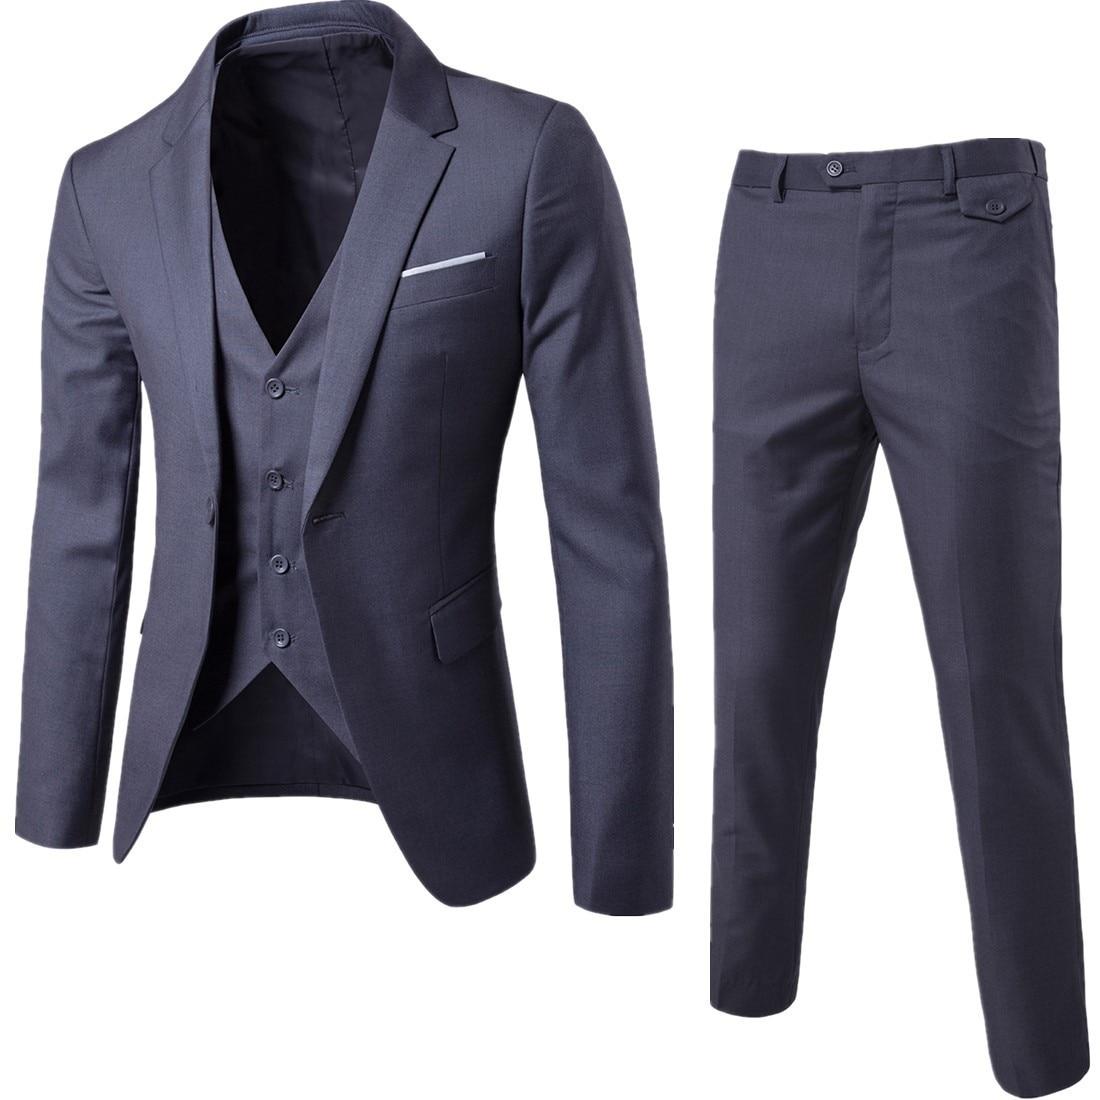 2020 di Autunno Della Molla di Affari Del Mens Casual Vestito (3 Pezzi/set) di Grandi Dimensioni, Più Fertilizzanti Singolo Fibbia Vestito Sottile Del Vestito da Sera 6XL